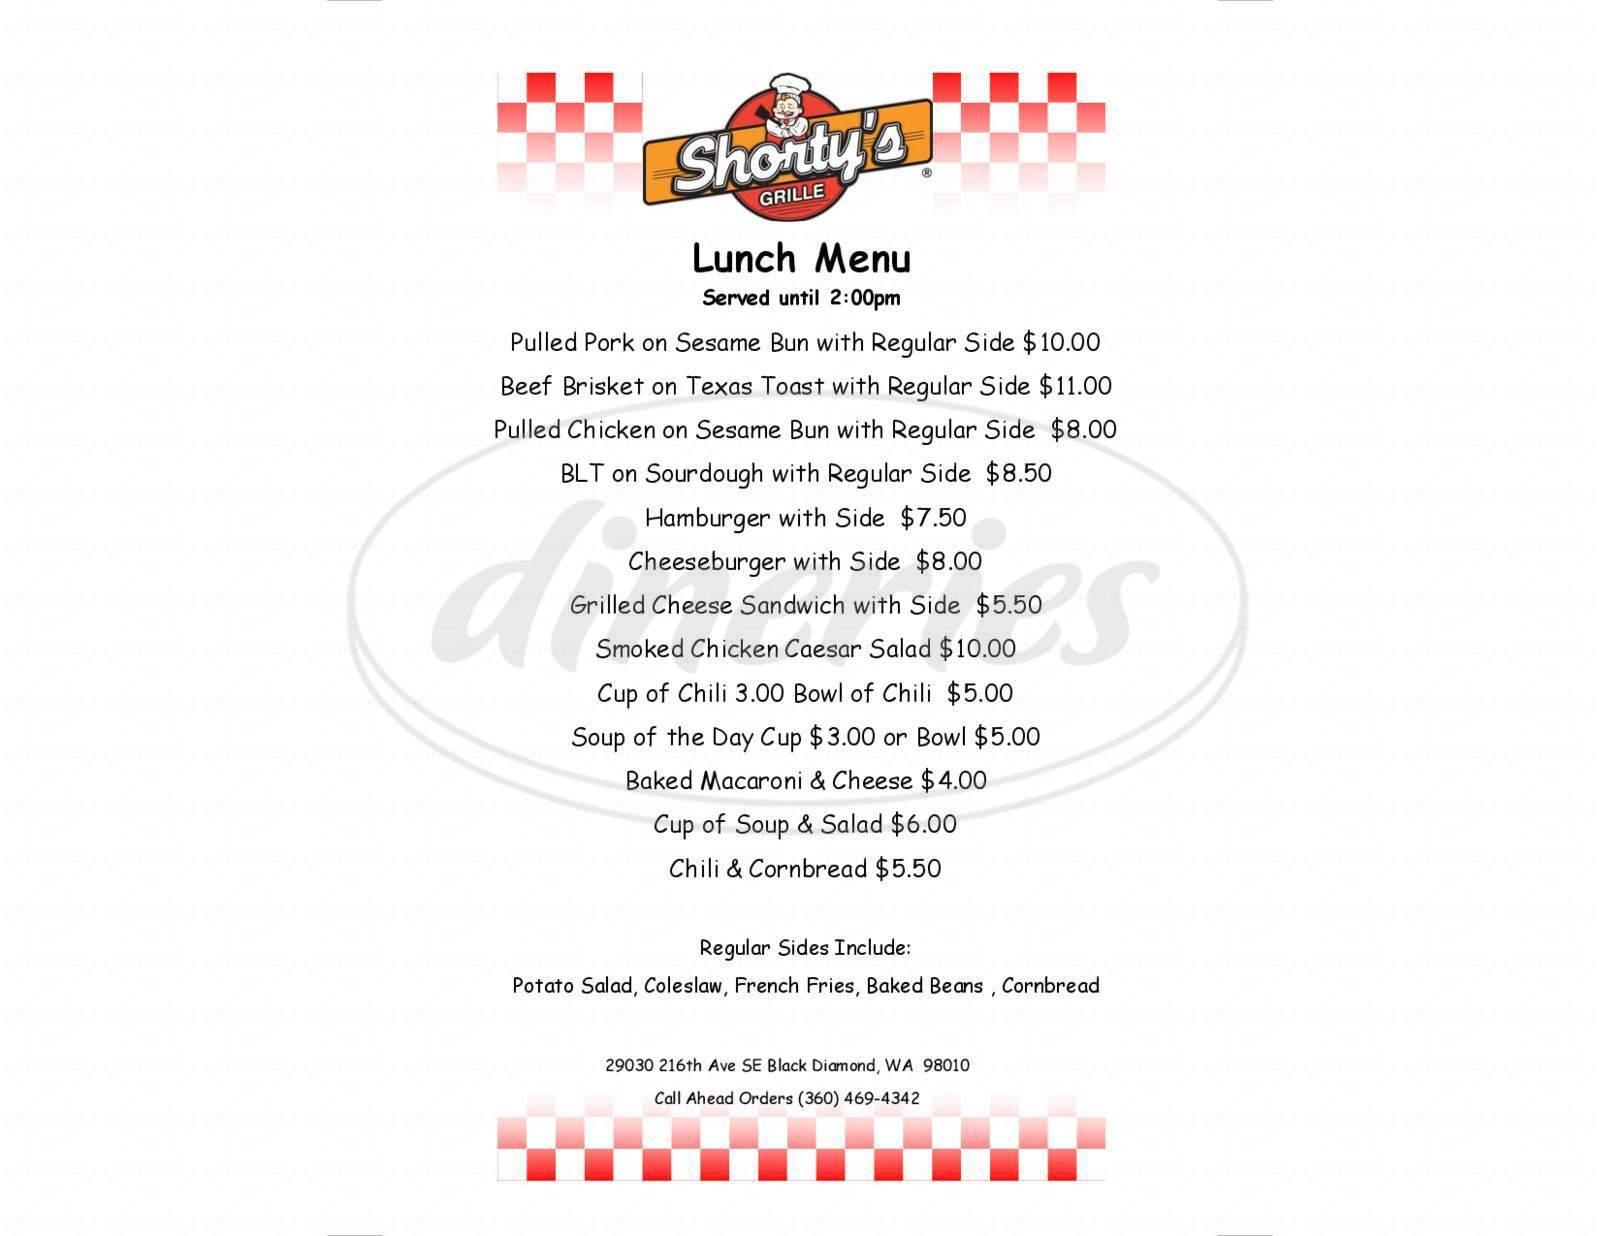 menu for Shorty's Grub House